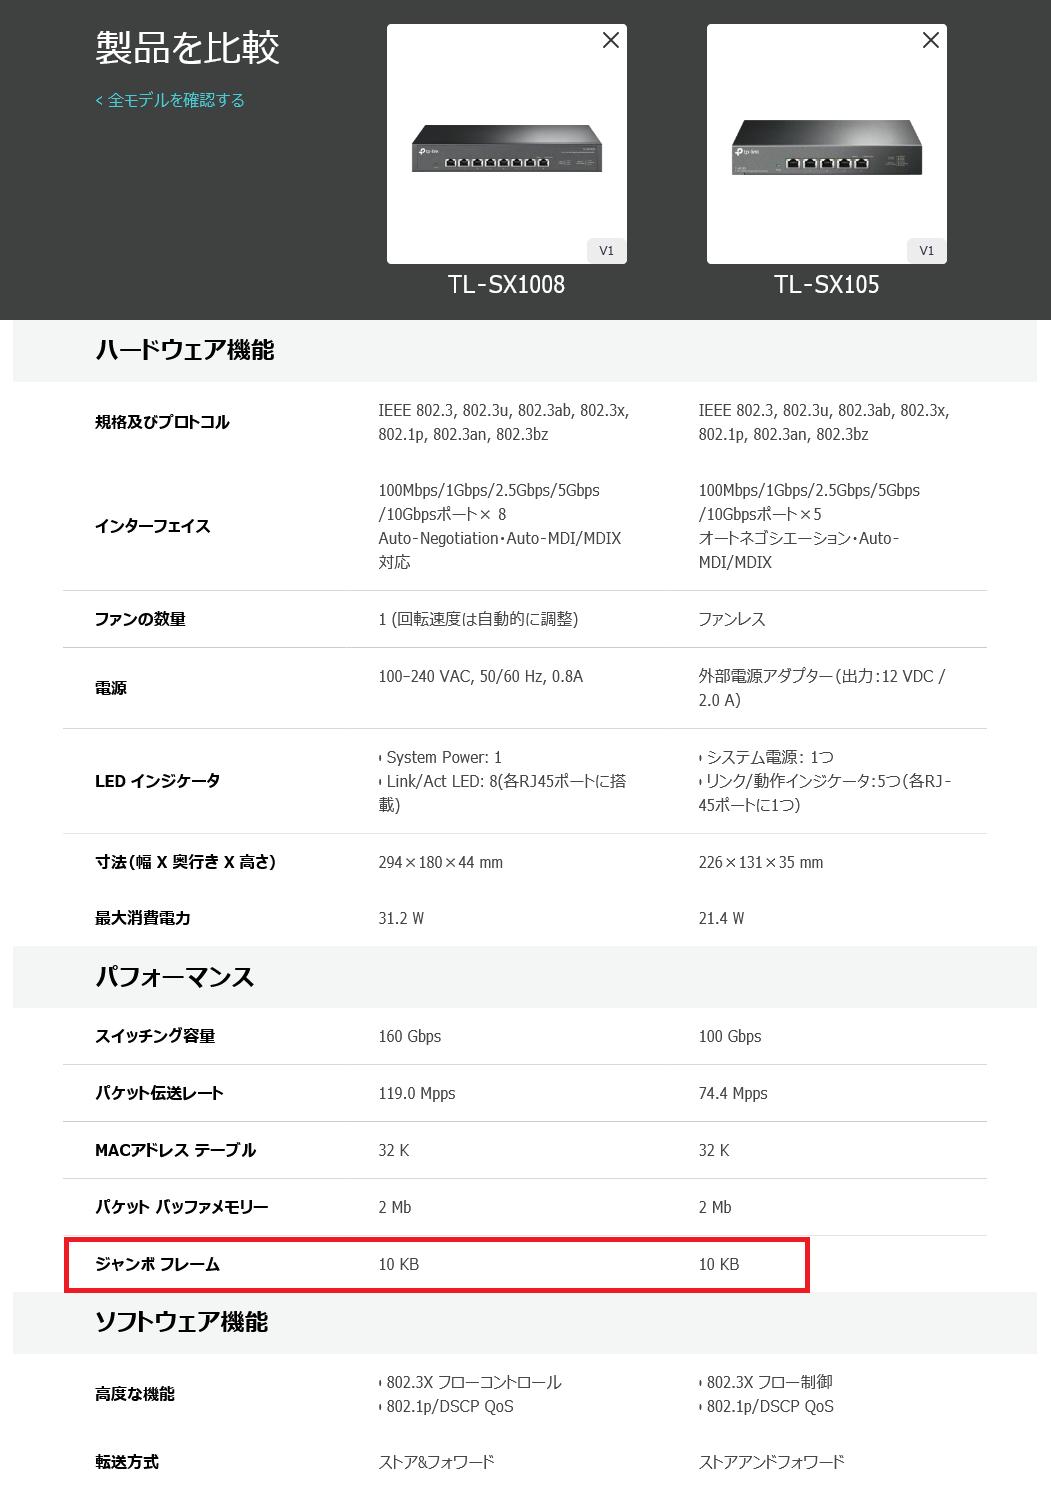 TL-SX1008 vs TL-SX105